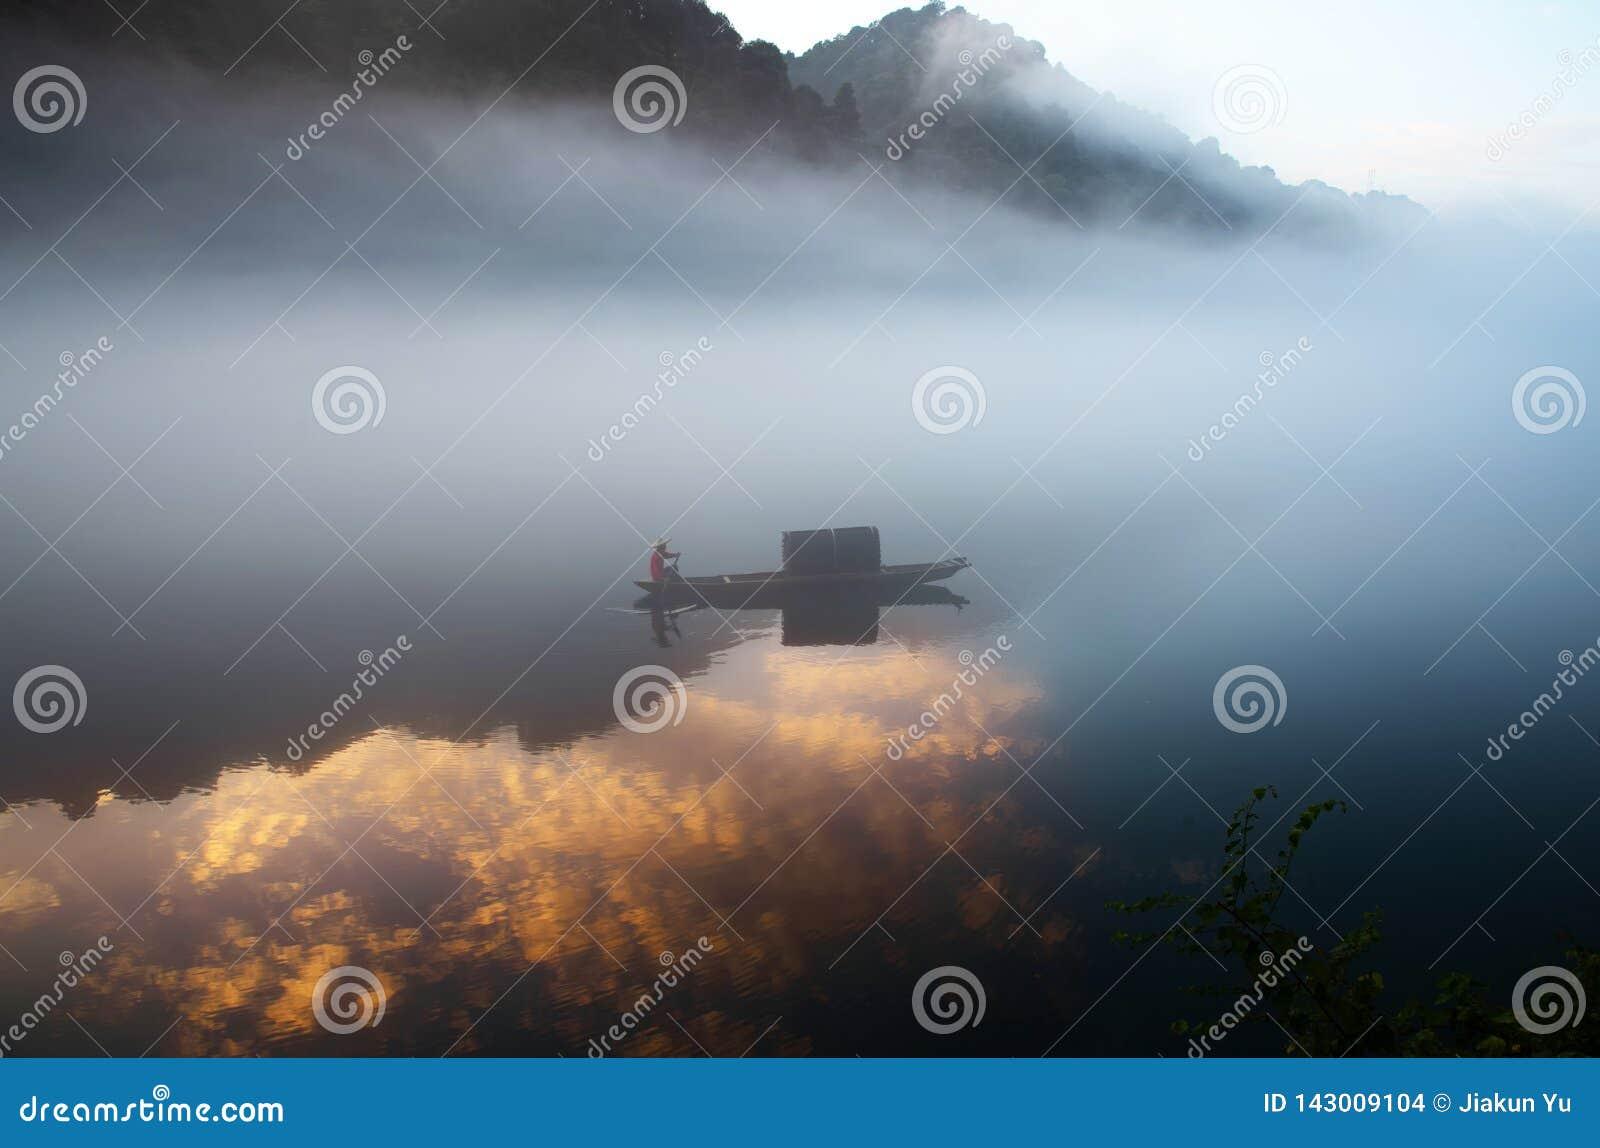 Un fishman en el barco en la niebla en el río, la reflexión de oro de la nube en la superficie del agua, en el amanecer